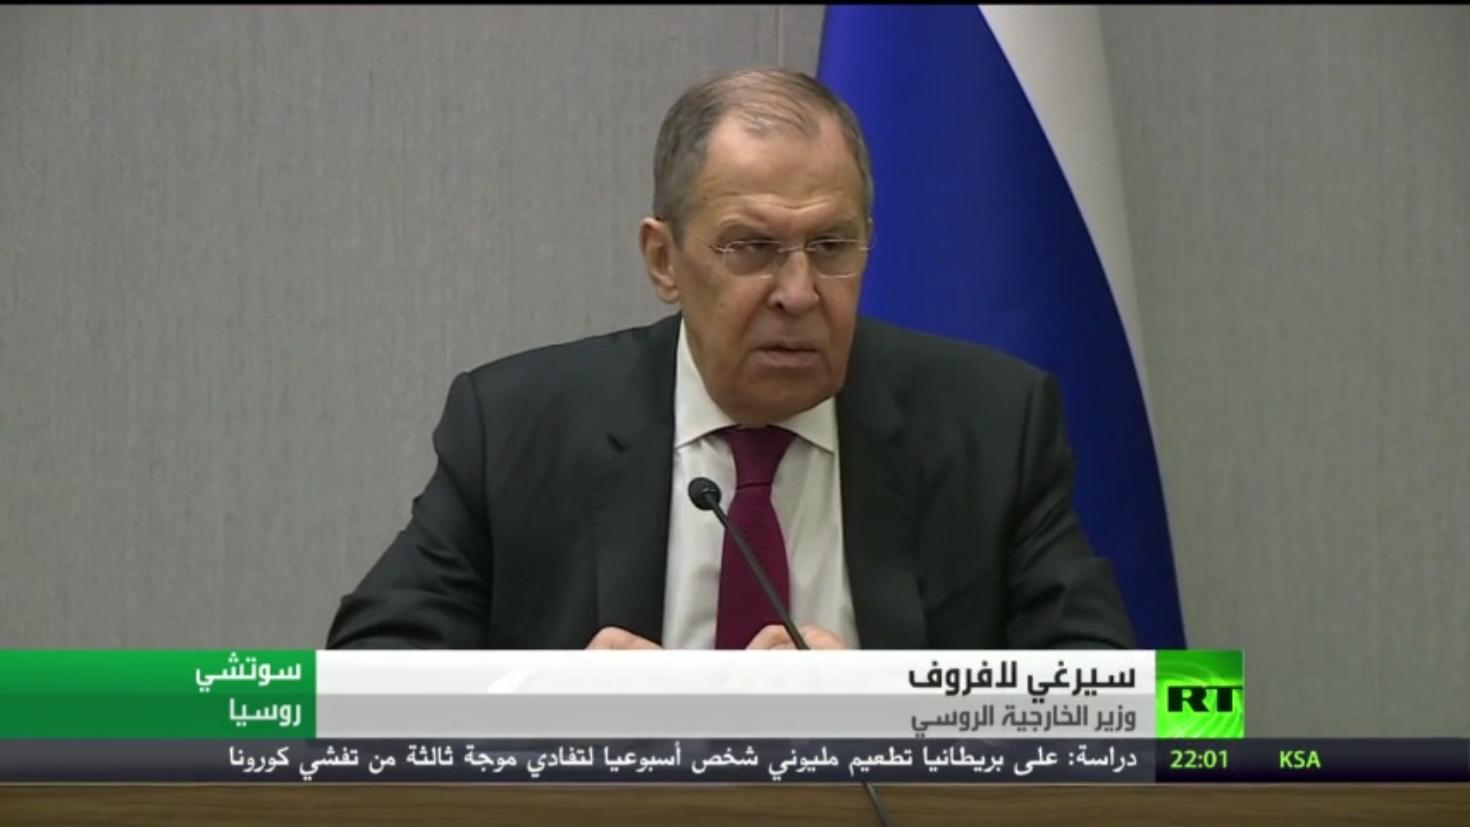 لافروف: سنواصل التعاون العسكري مع تركيا